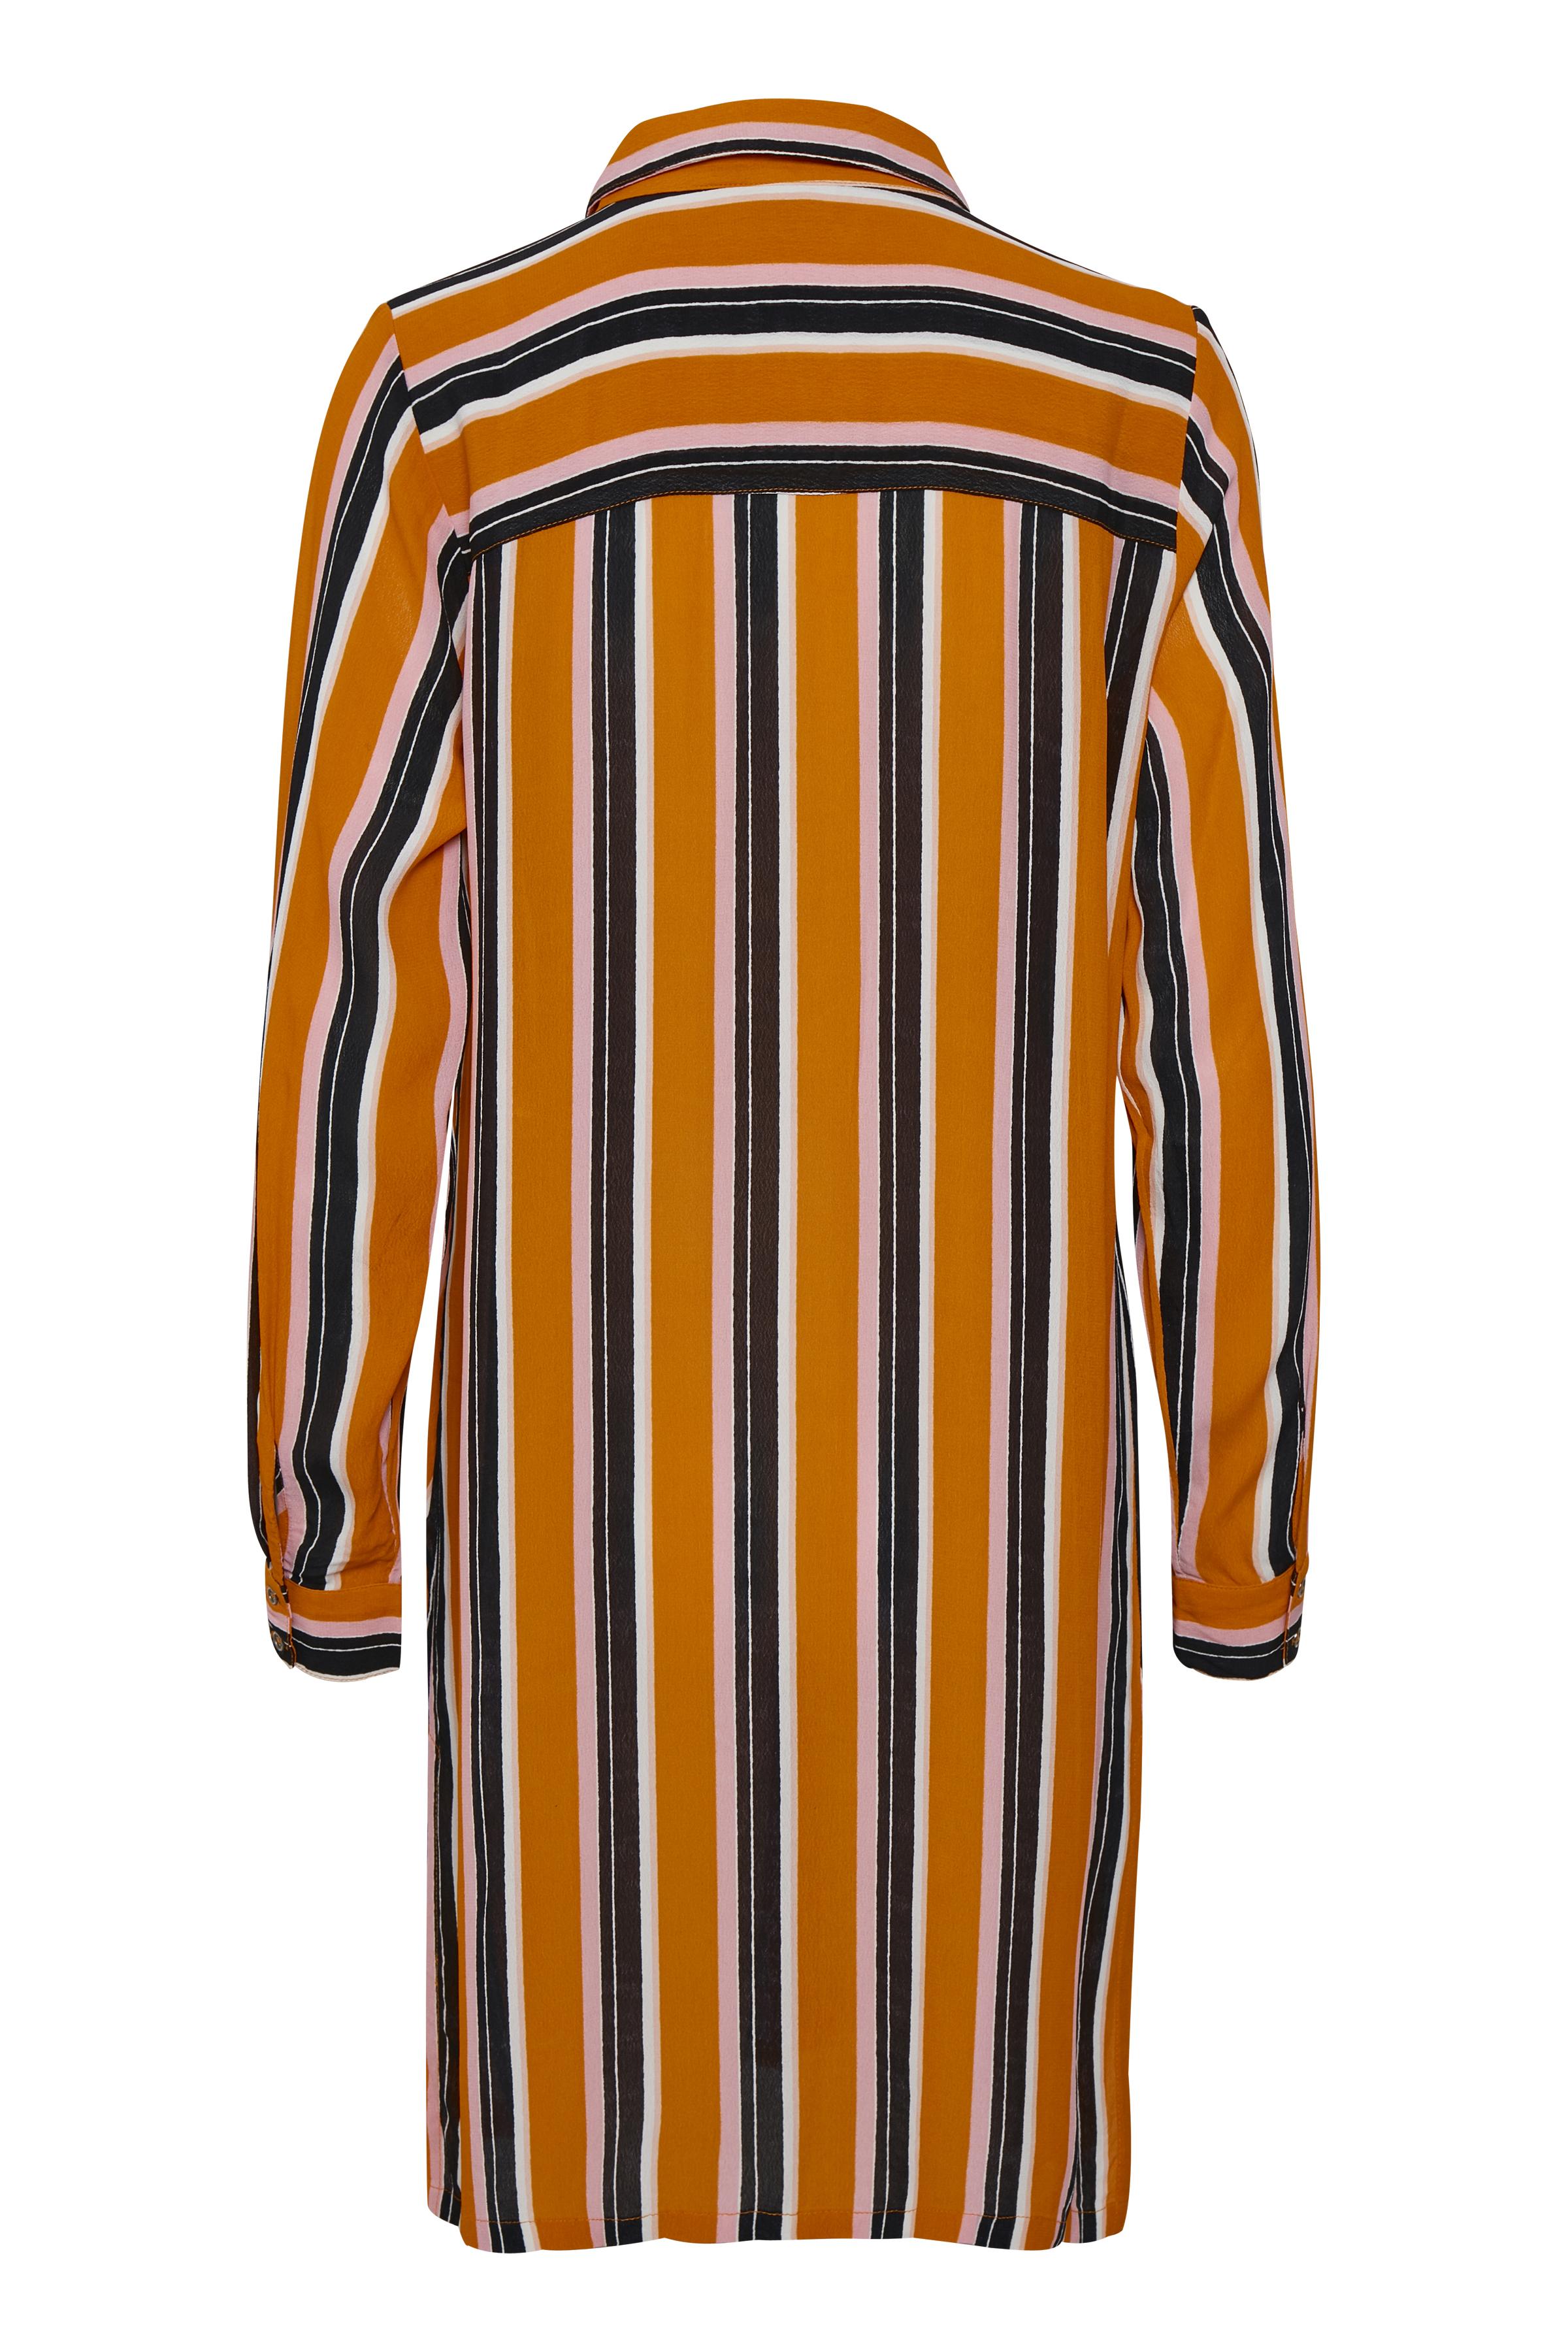 Oranje/zwart Blouse lange mouw van Kaffe – Door Oranje/zwart Blouse lange mouw van maat. 34-46 hier